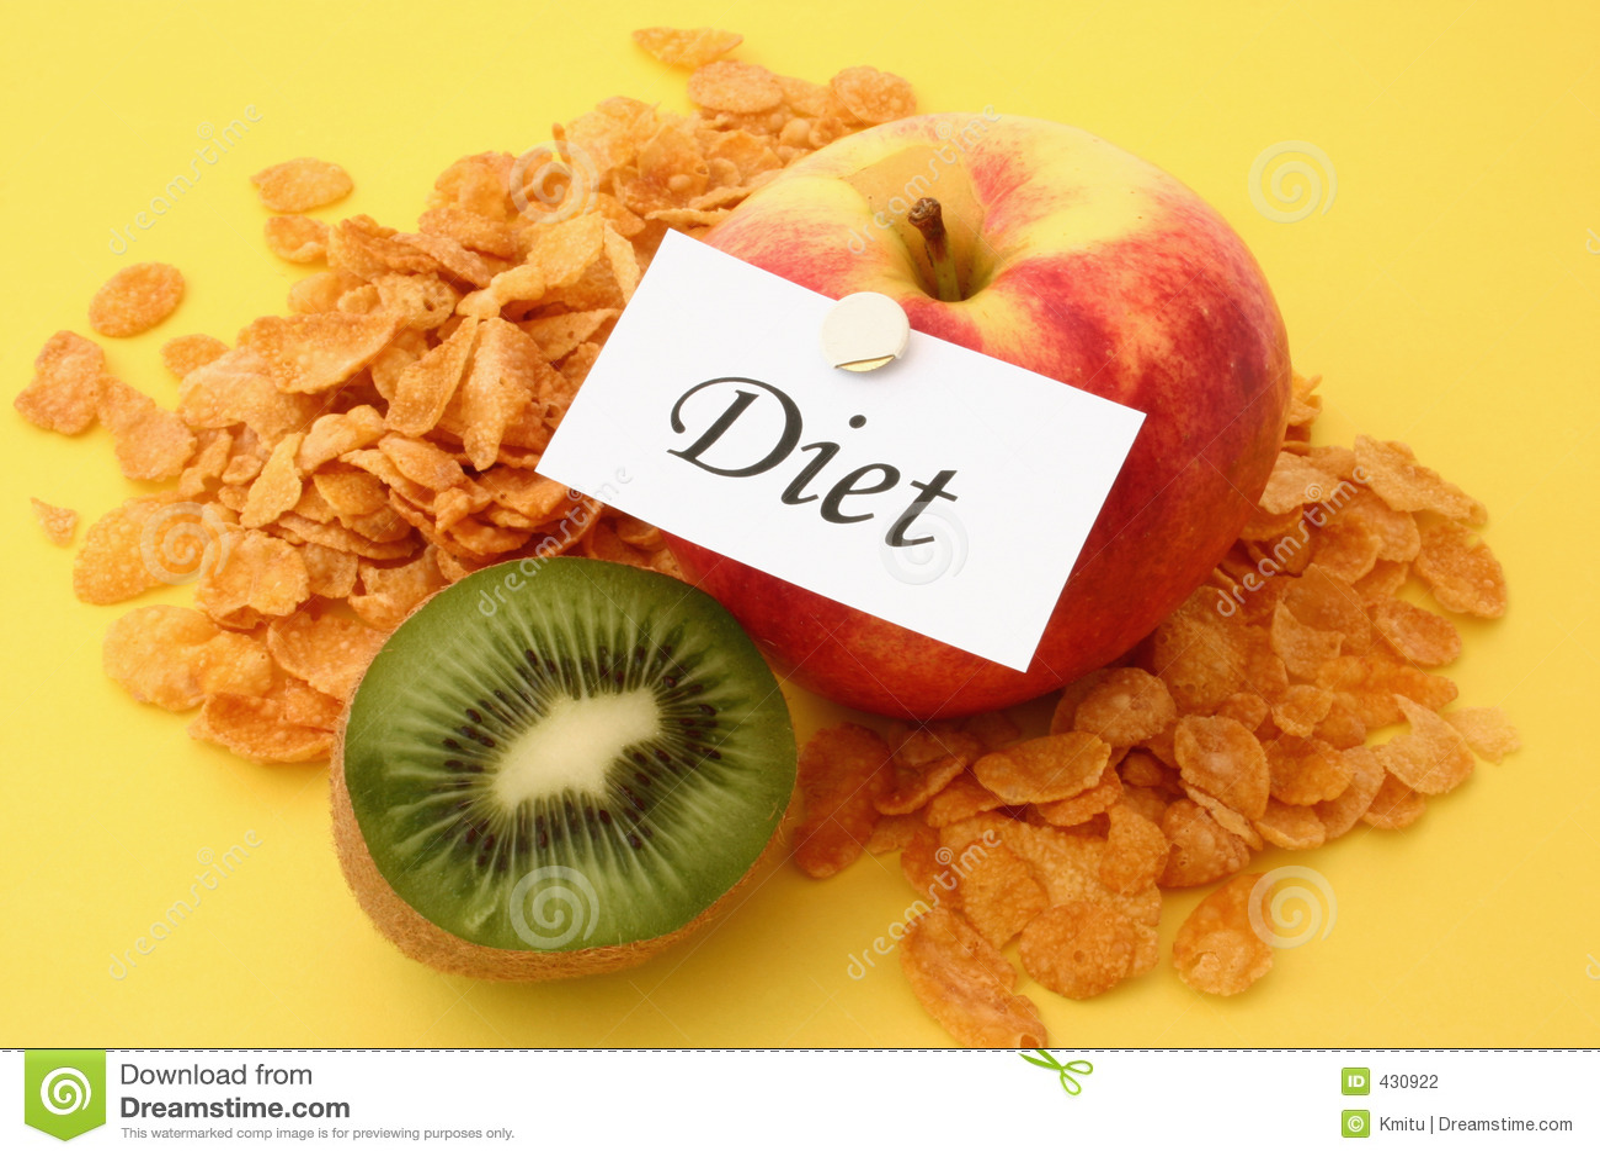 Dieet #5